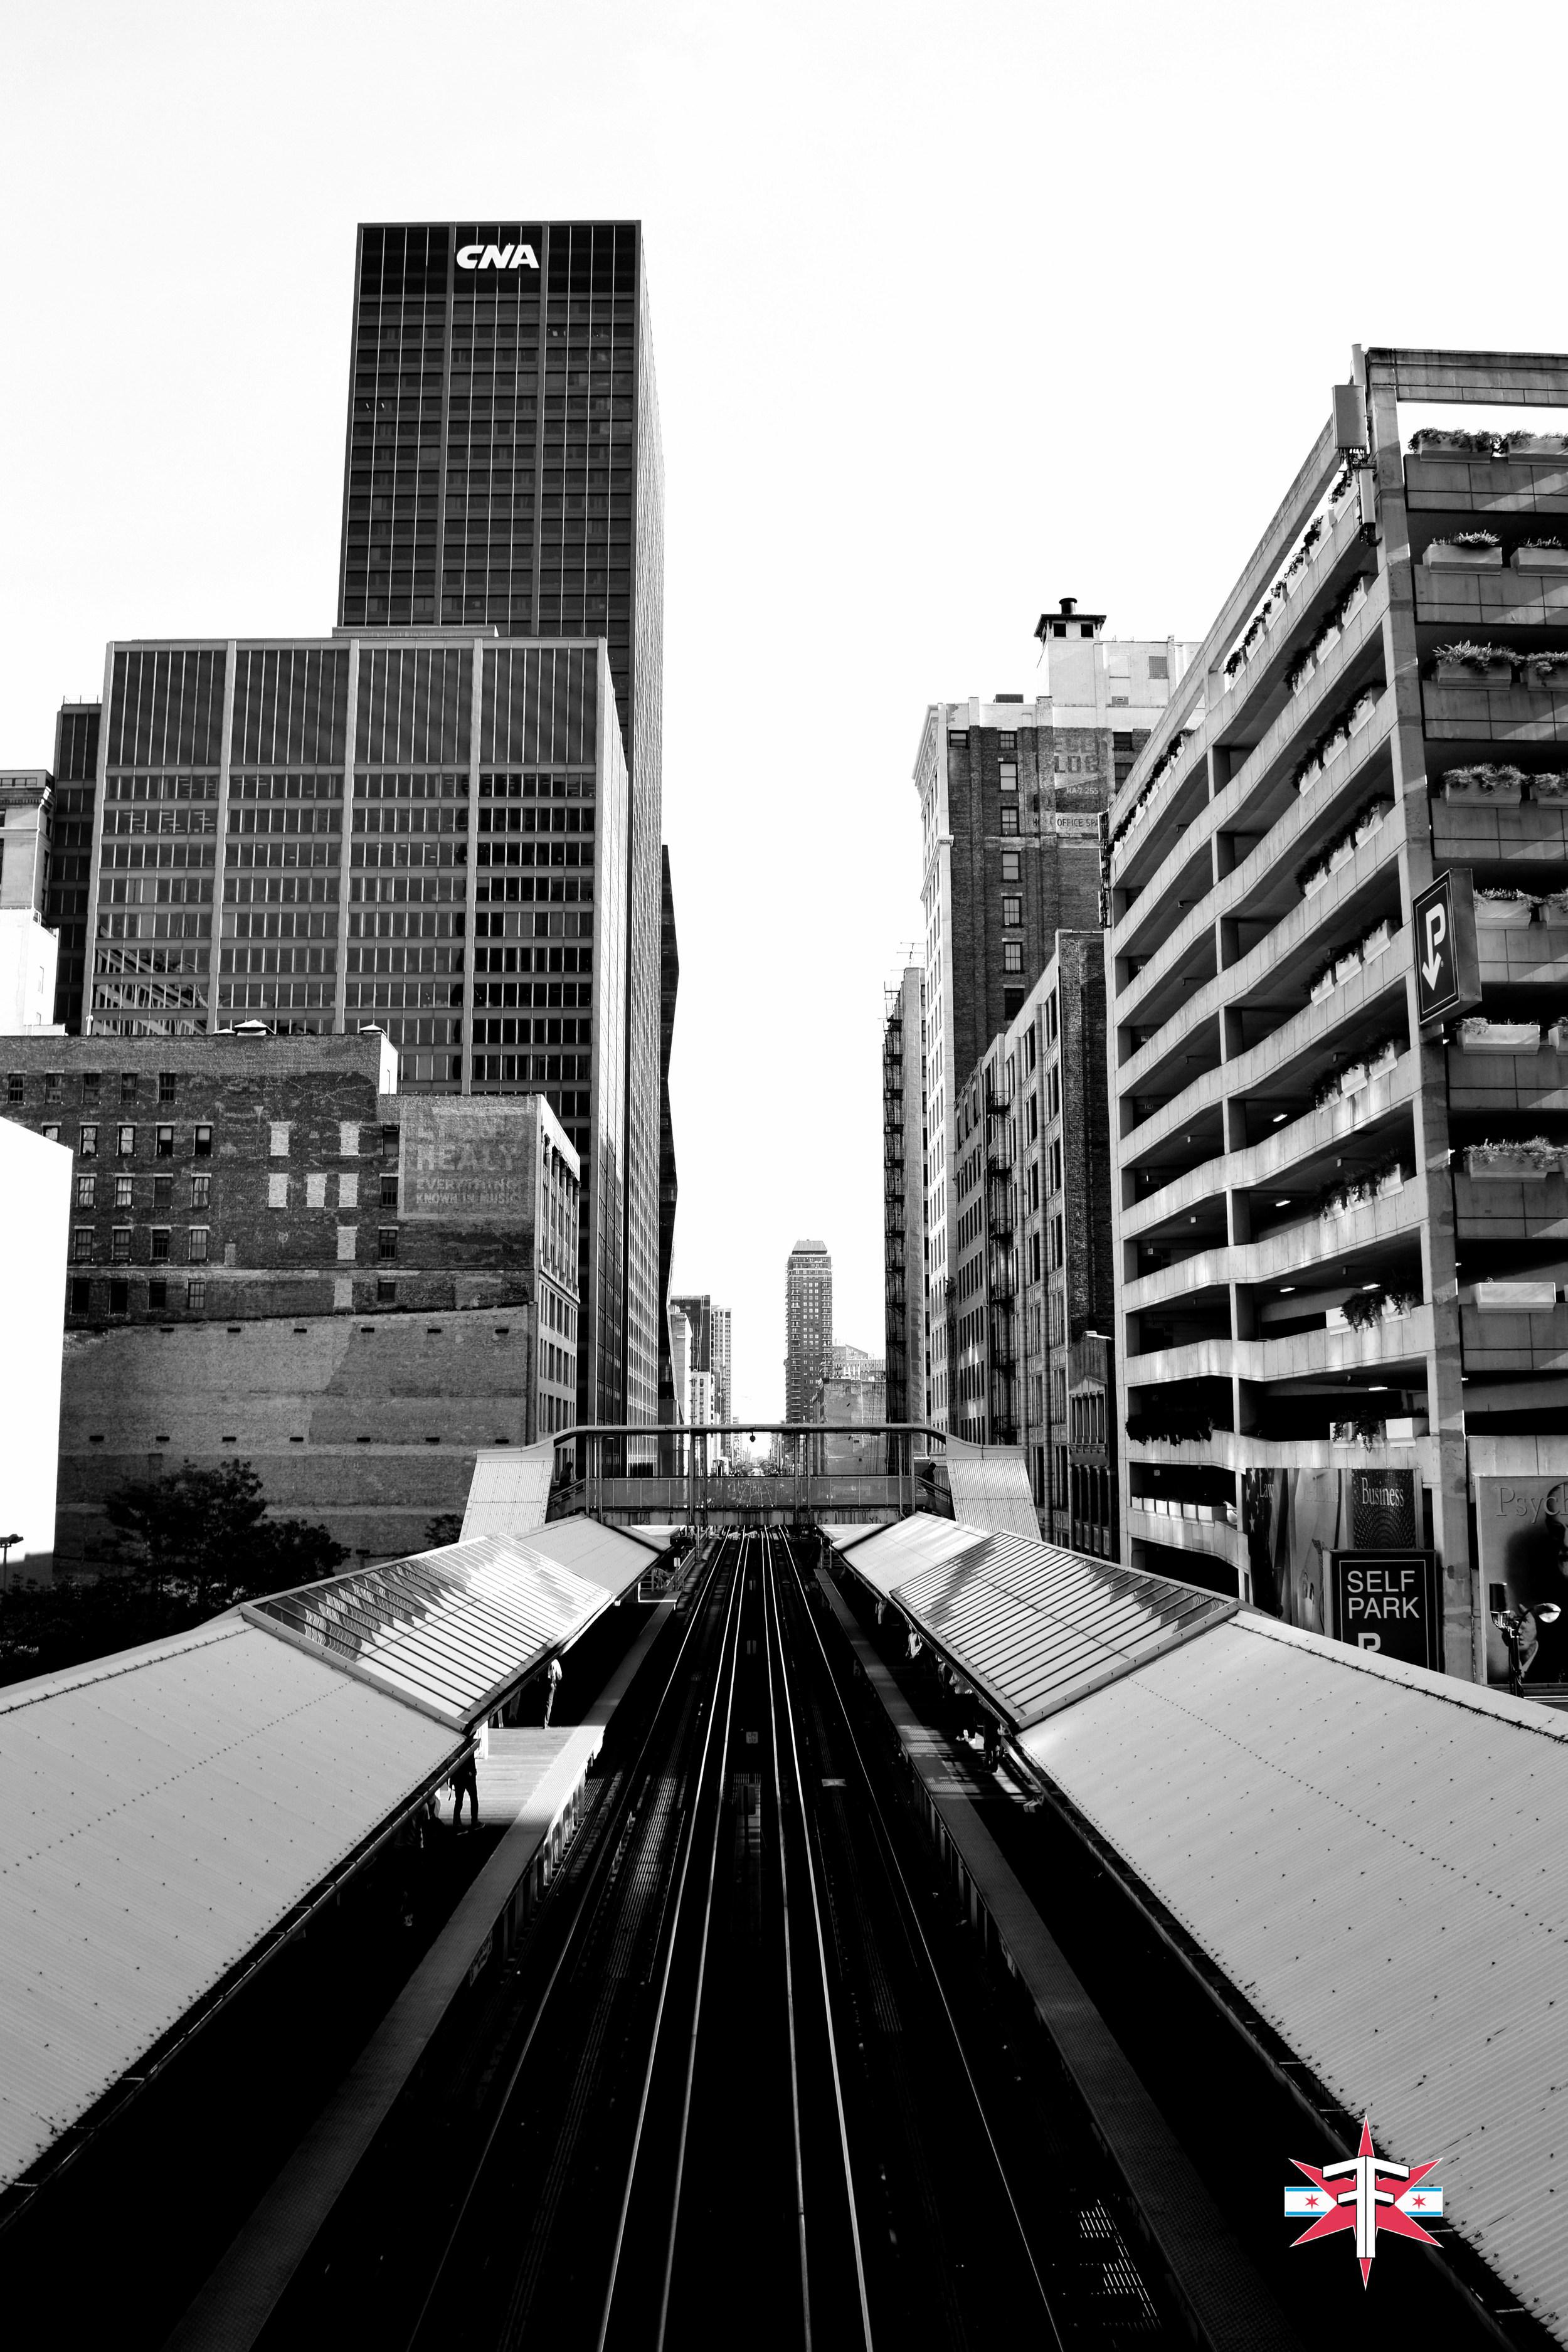 chicago art architecture eric formato photography design arquitectura architettura buildings skyscraper skyscrapers-246.jpg